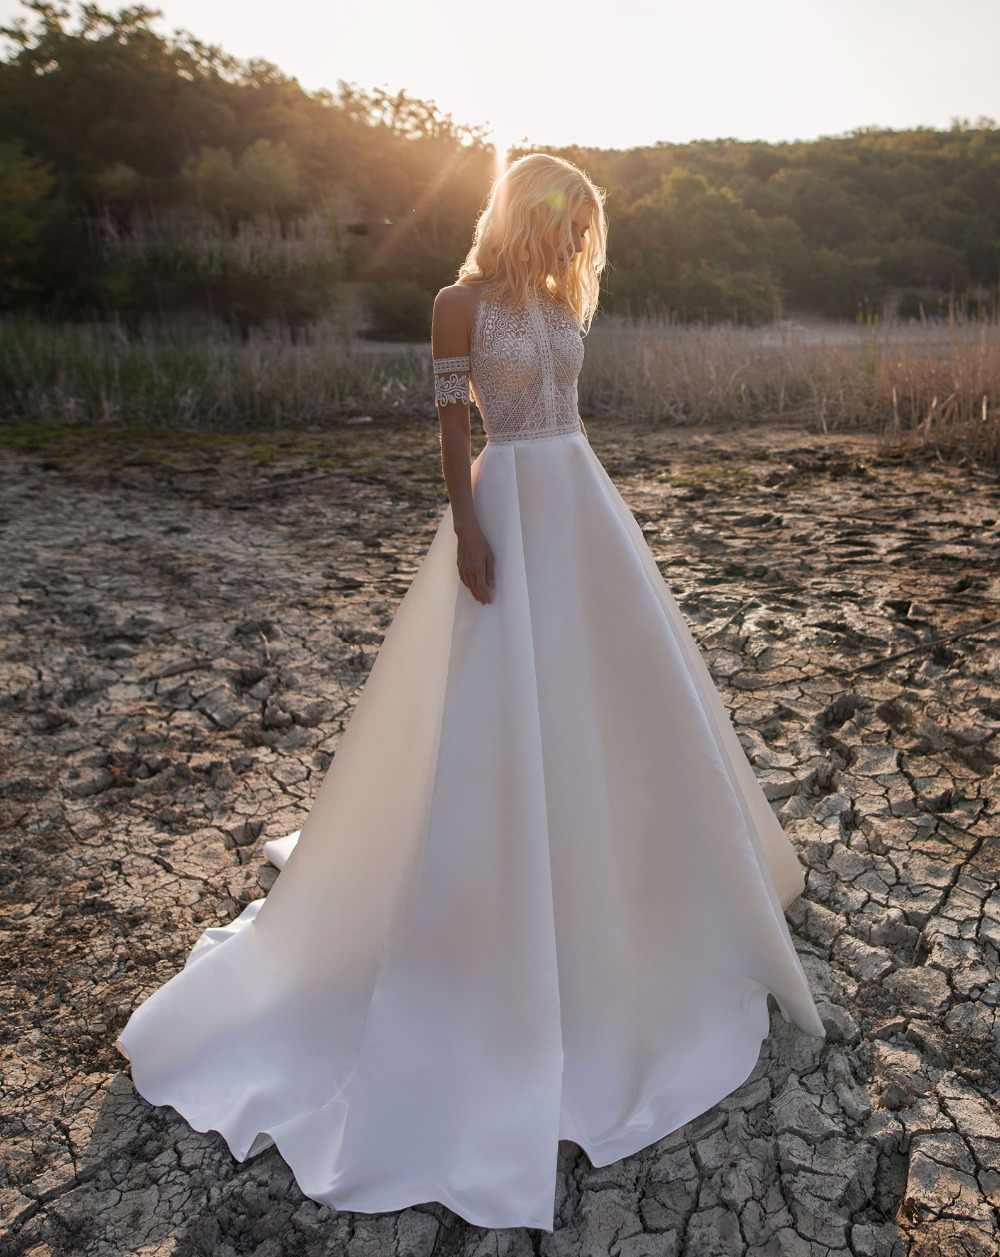 2019 בוהמי חתונת שמלות תכשיט תחרה סאטן כלה שמלות כפתור חזרה חוף אונליין חתונת שמלת חלוק דה Mariee